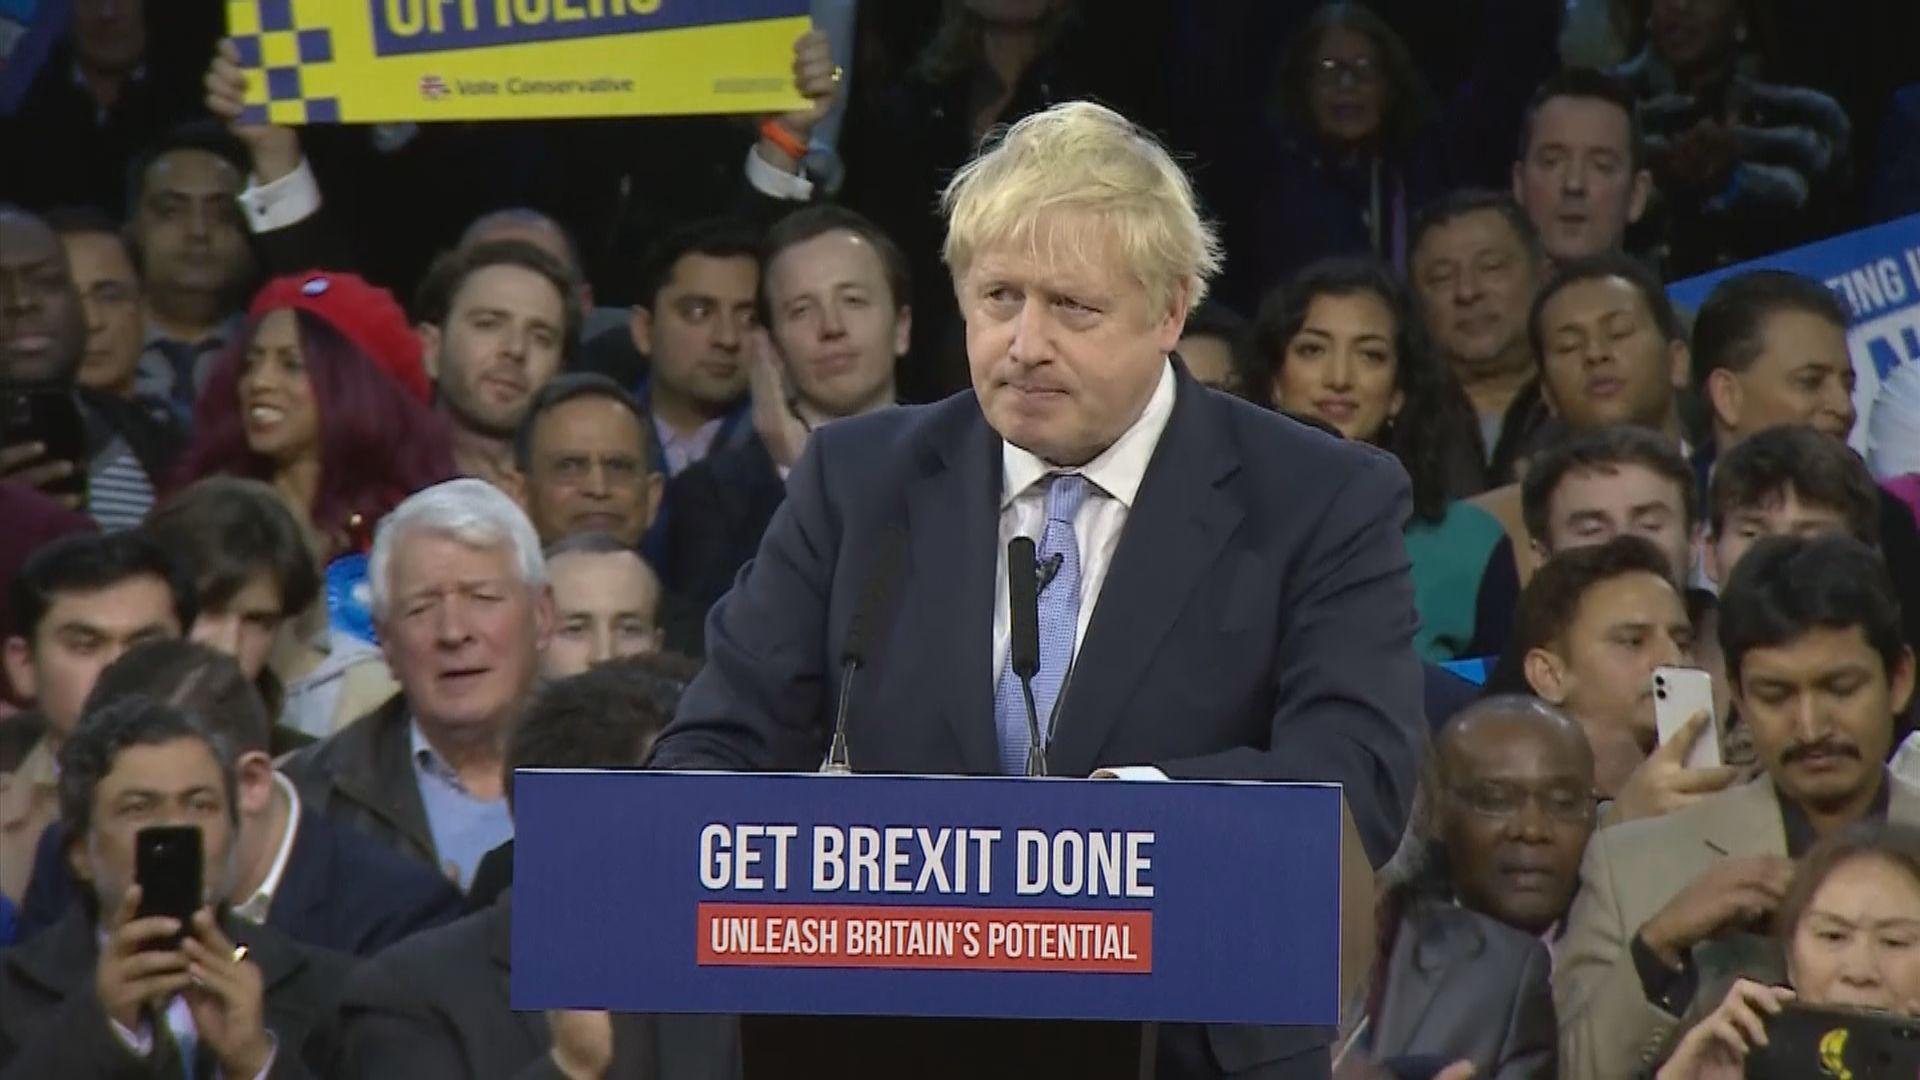 英國大選投票前 各黨作最後拉票